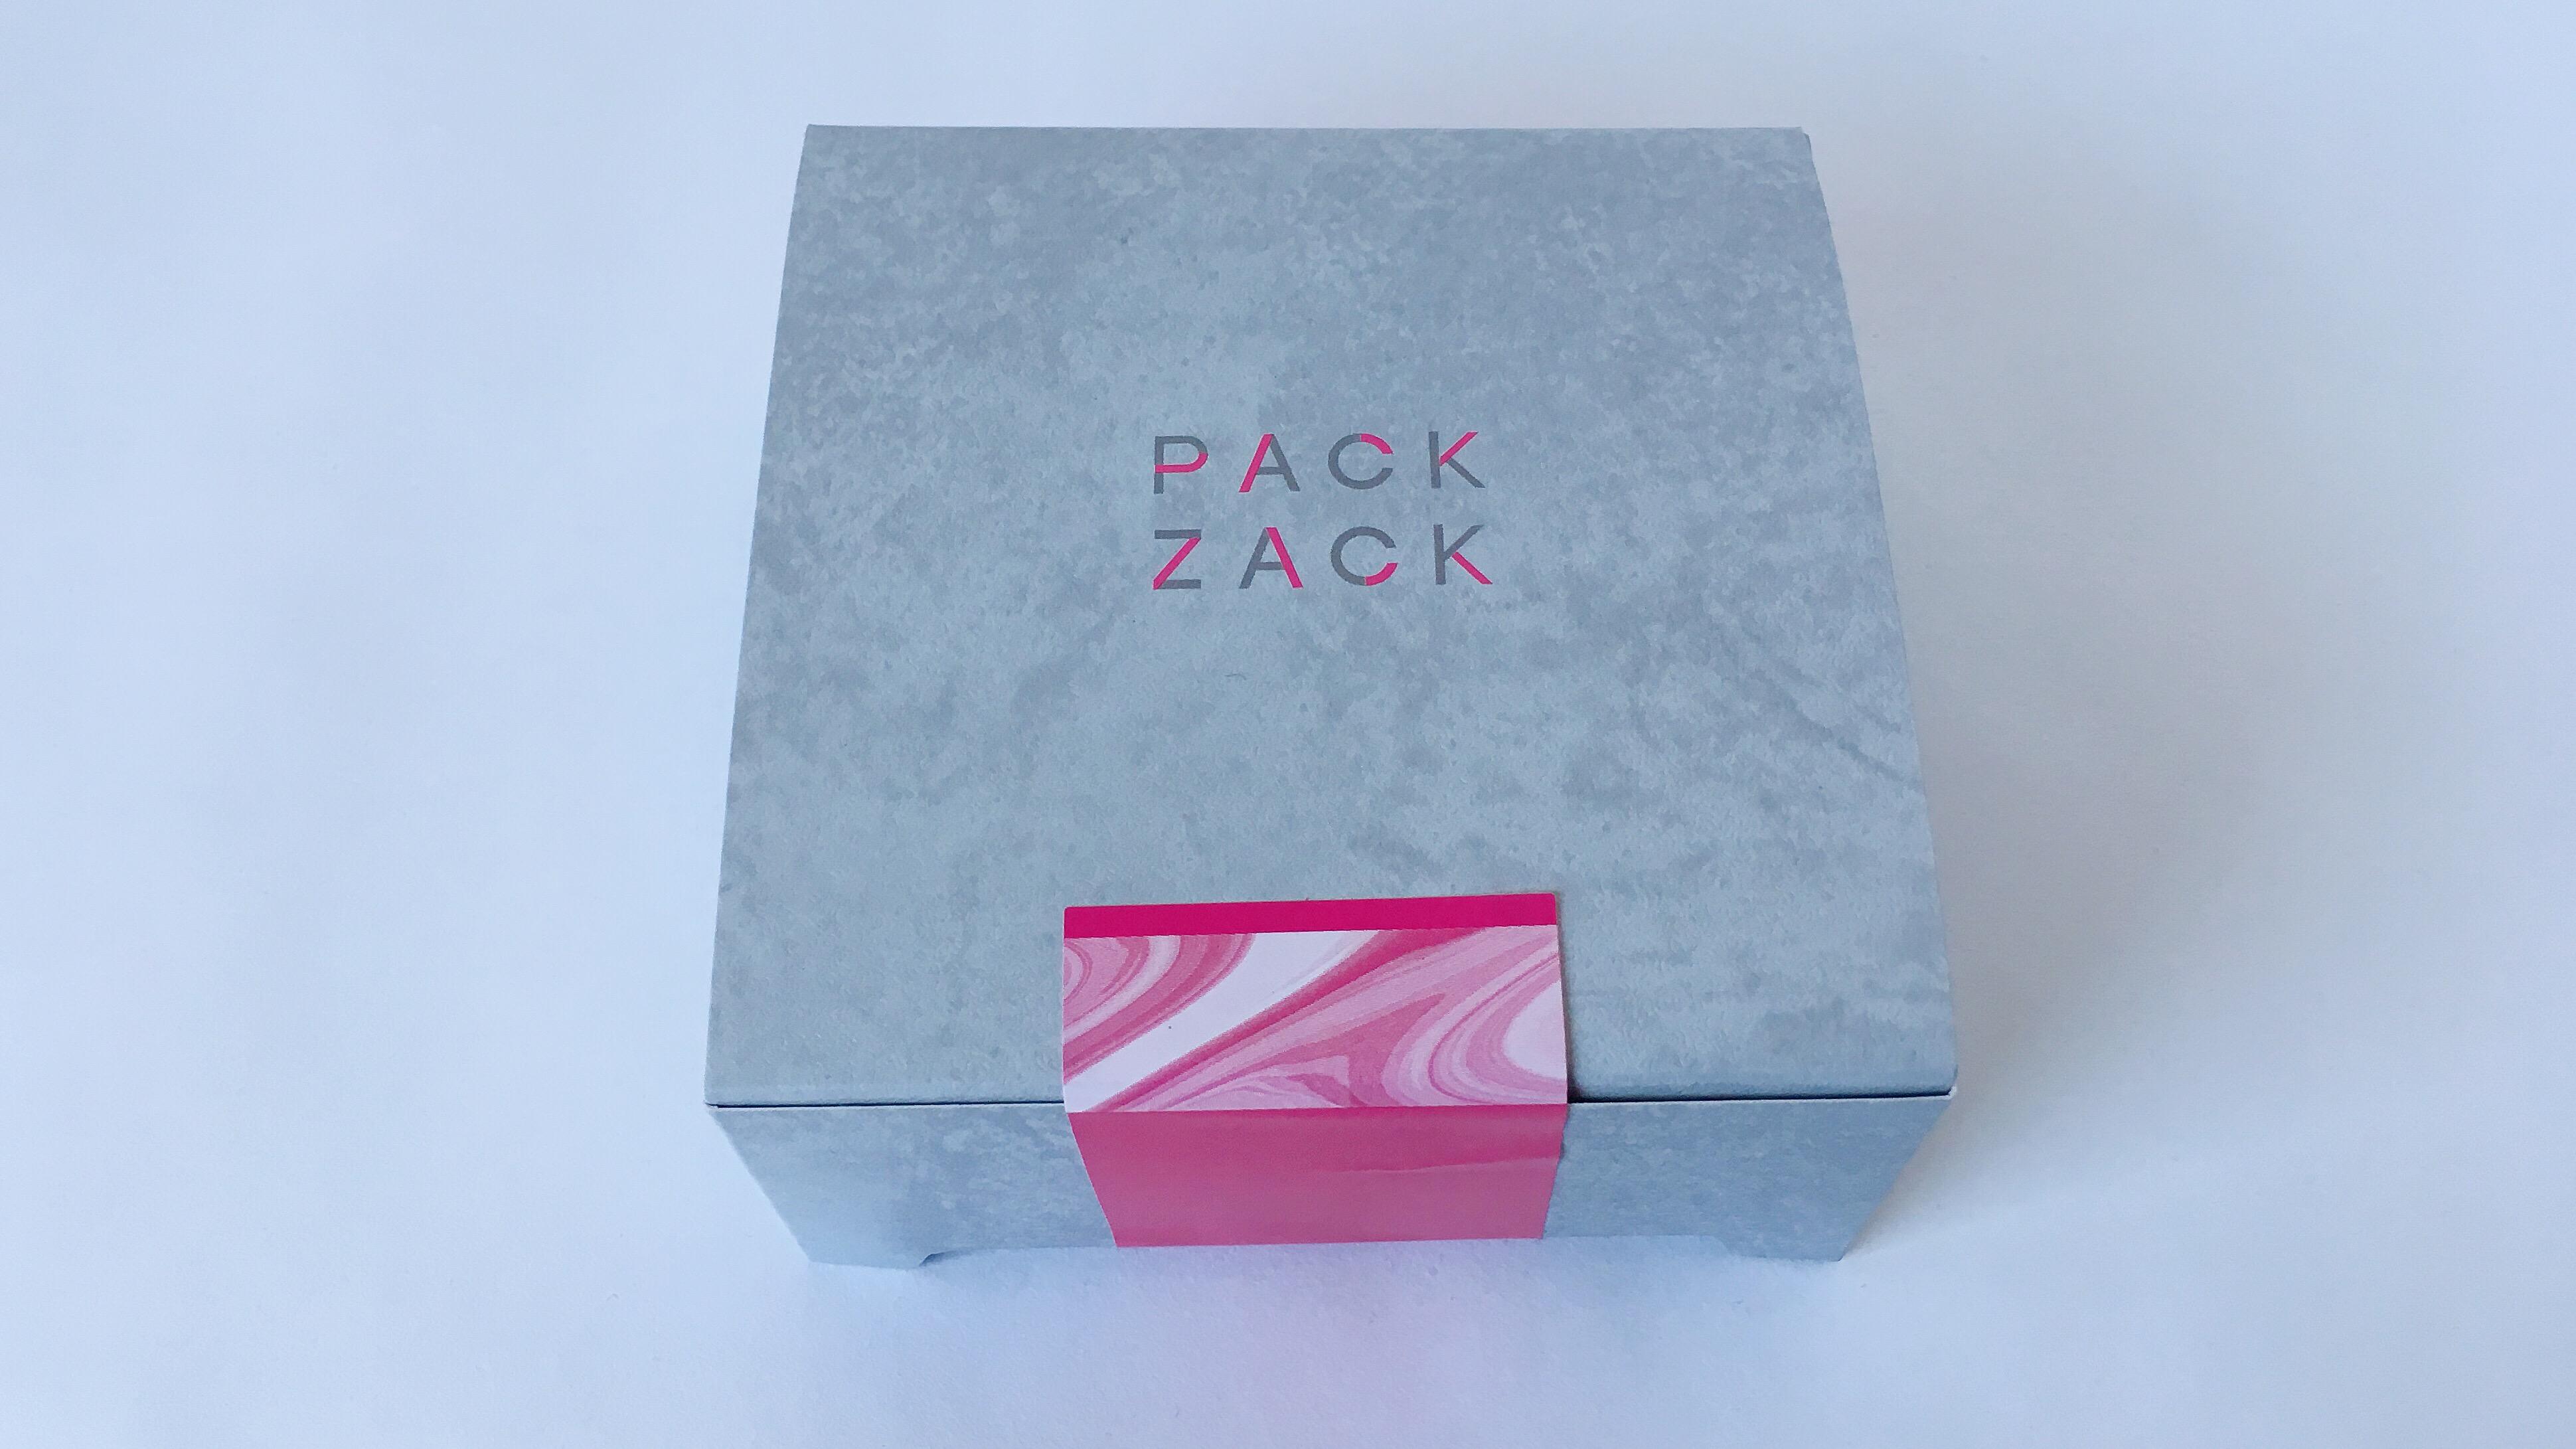 エキア池袋にオープンしたザクザクとろけるショコラ専門店パックザックのピンクとグレーがおしゃれなパッケージ